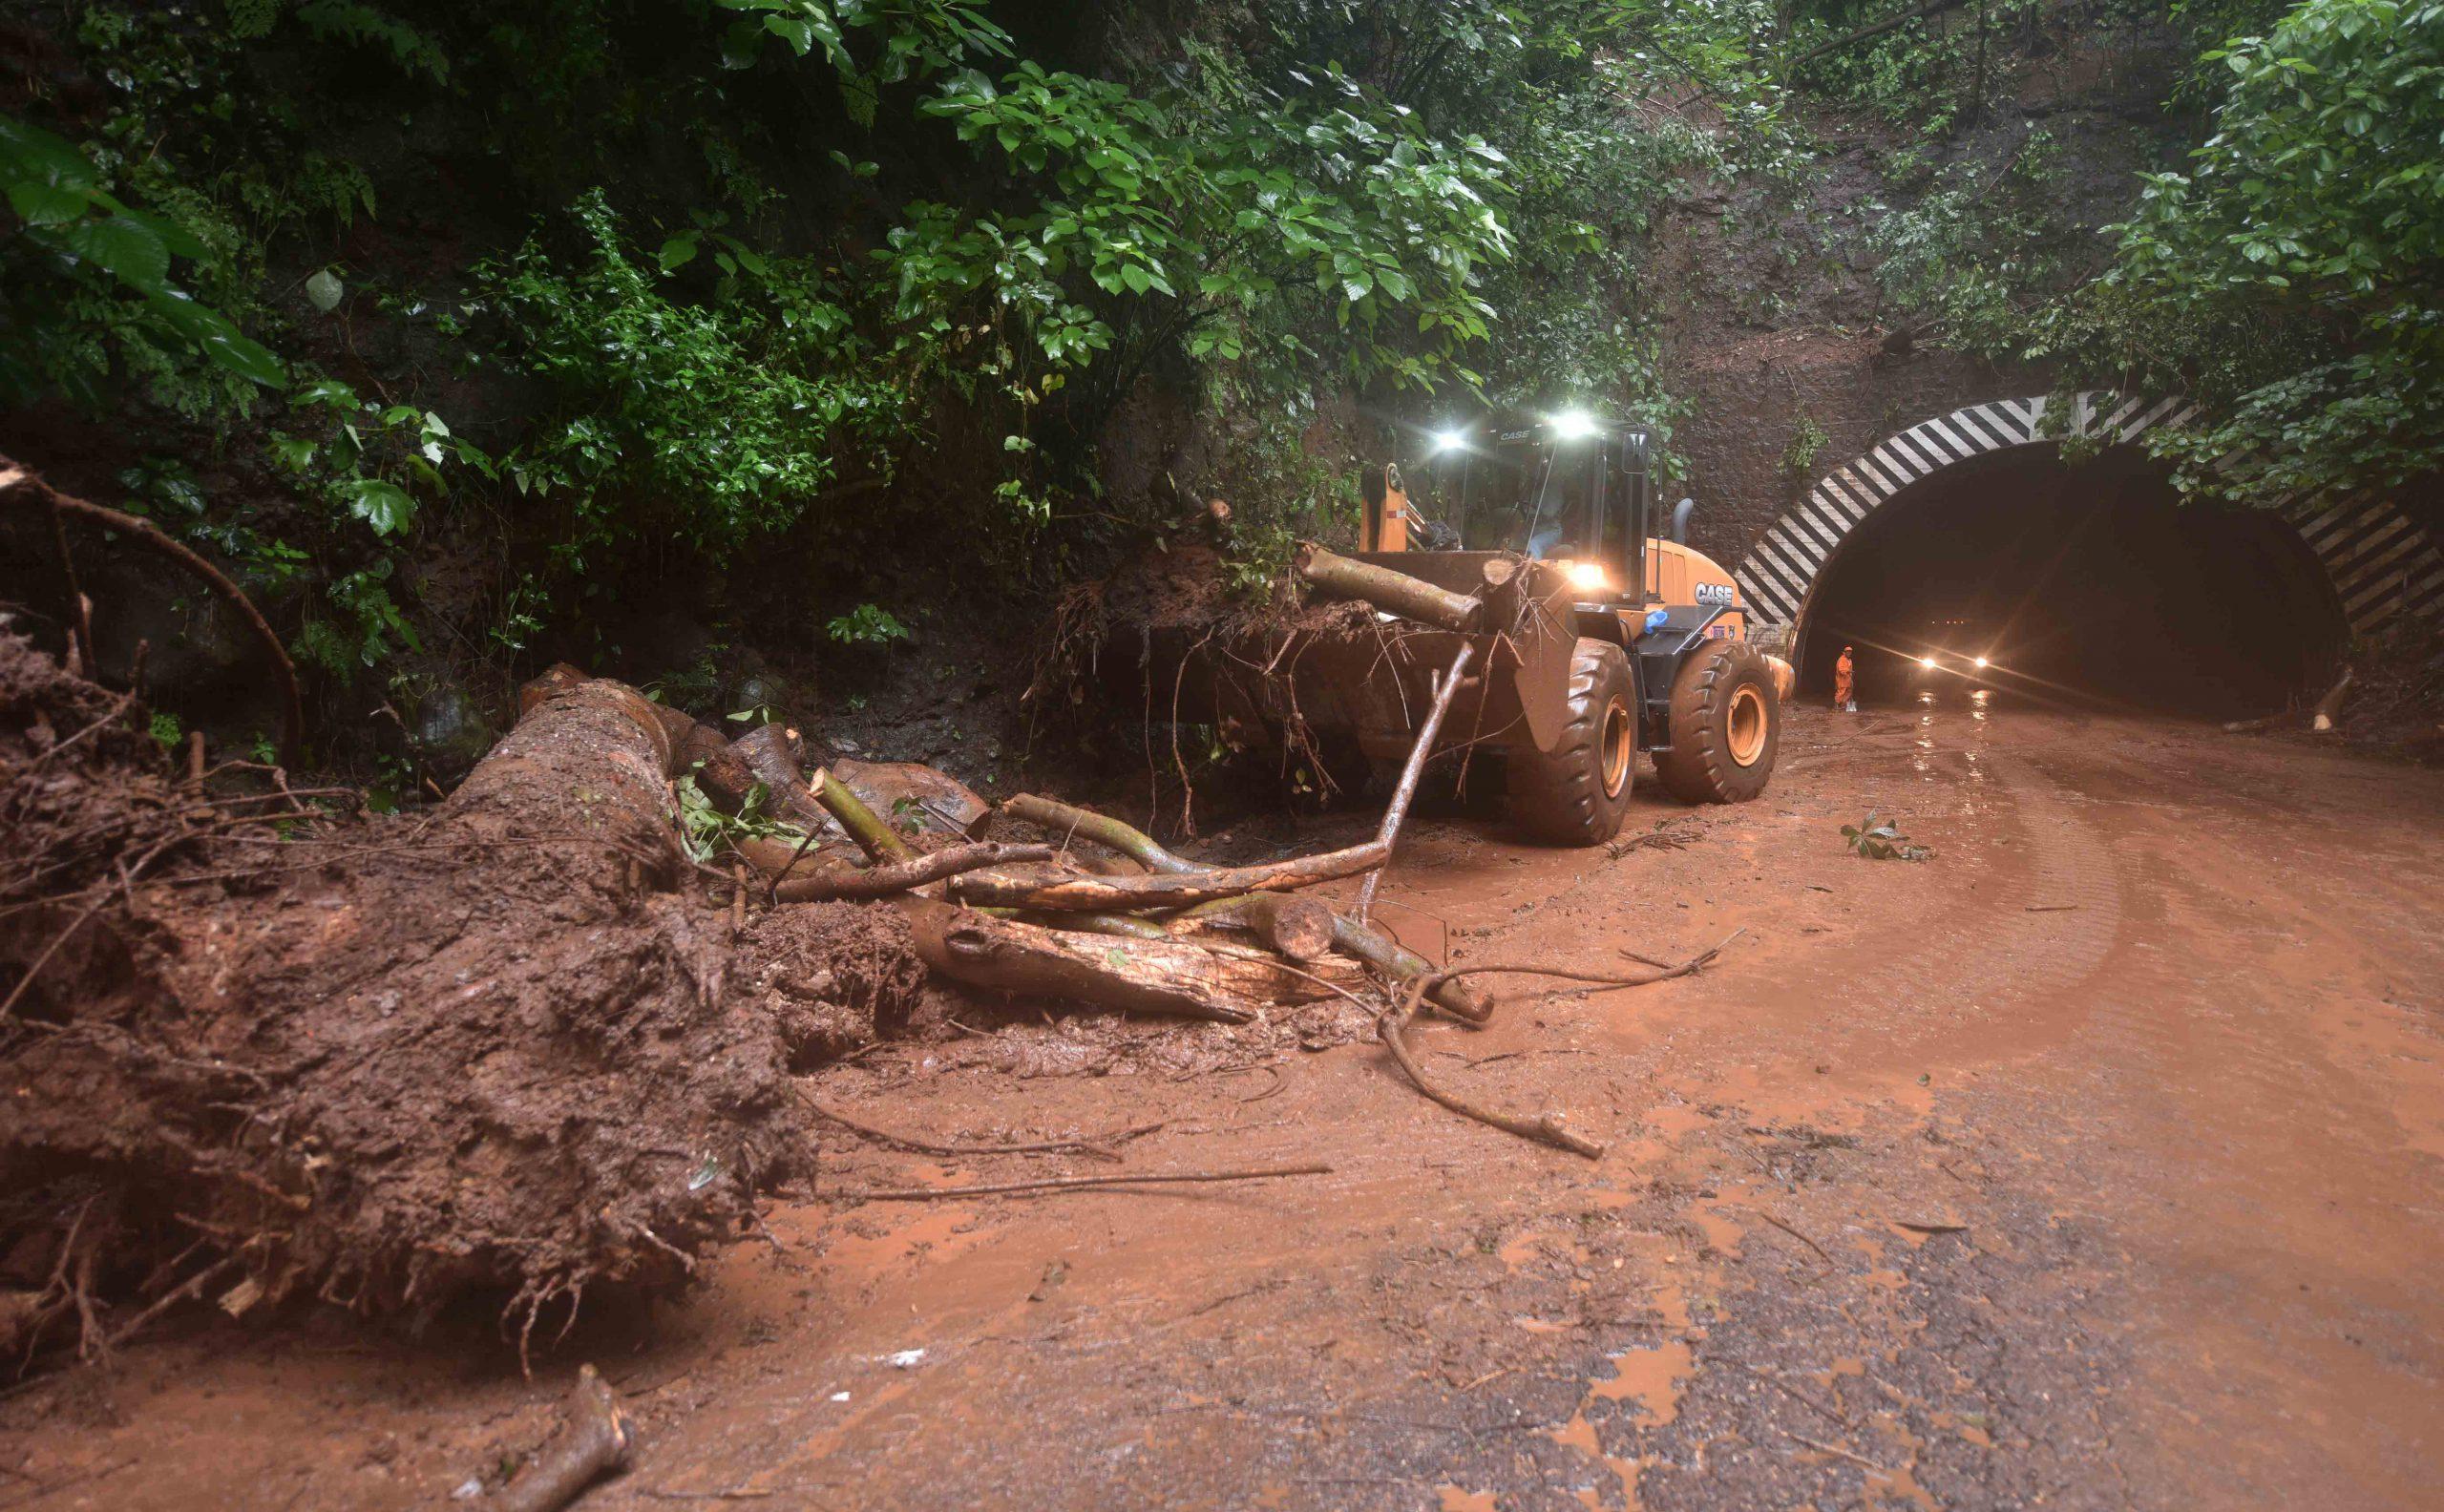 Tras inspección de Carretera El Litoral, MOP determina cierre temporal en zona de túneles, La Libertad